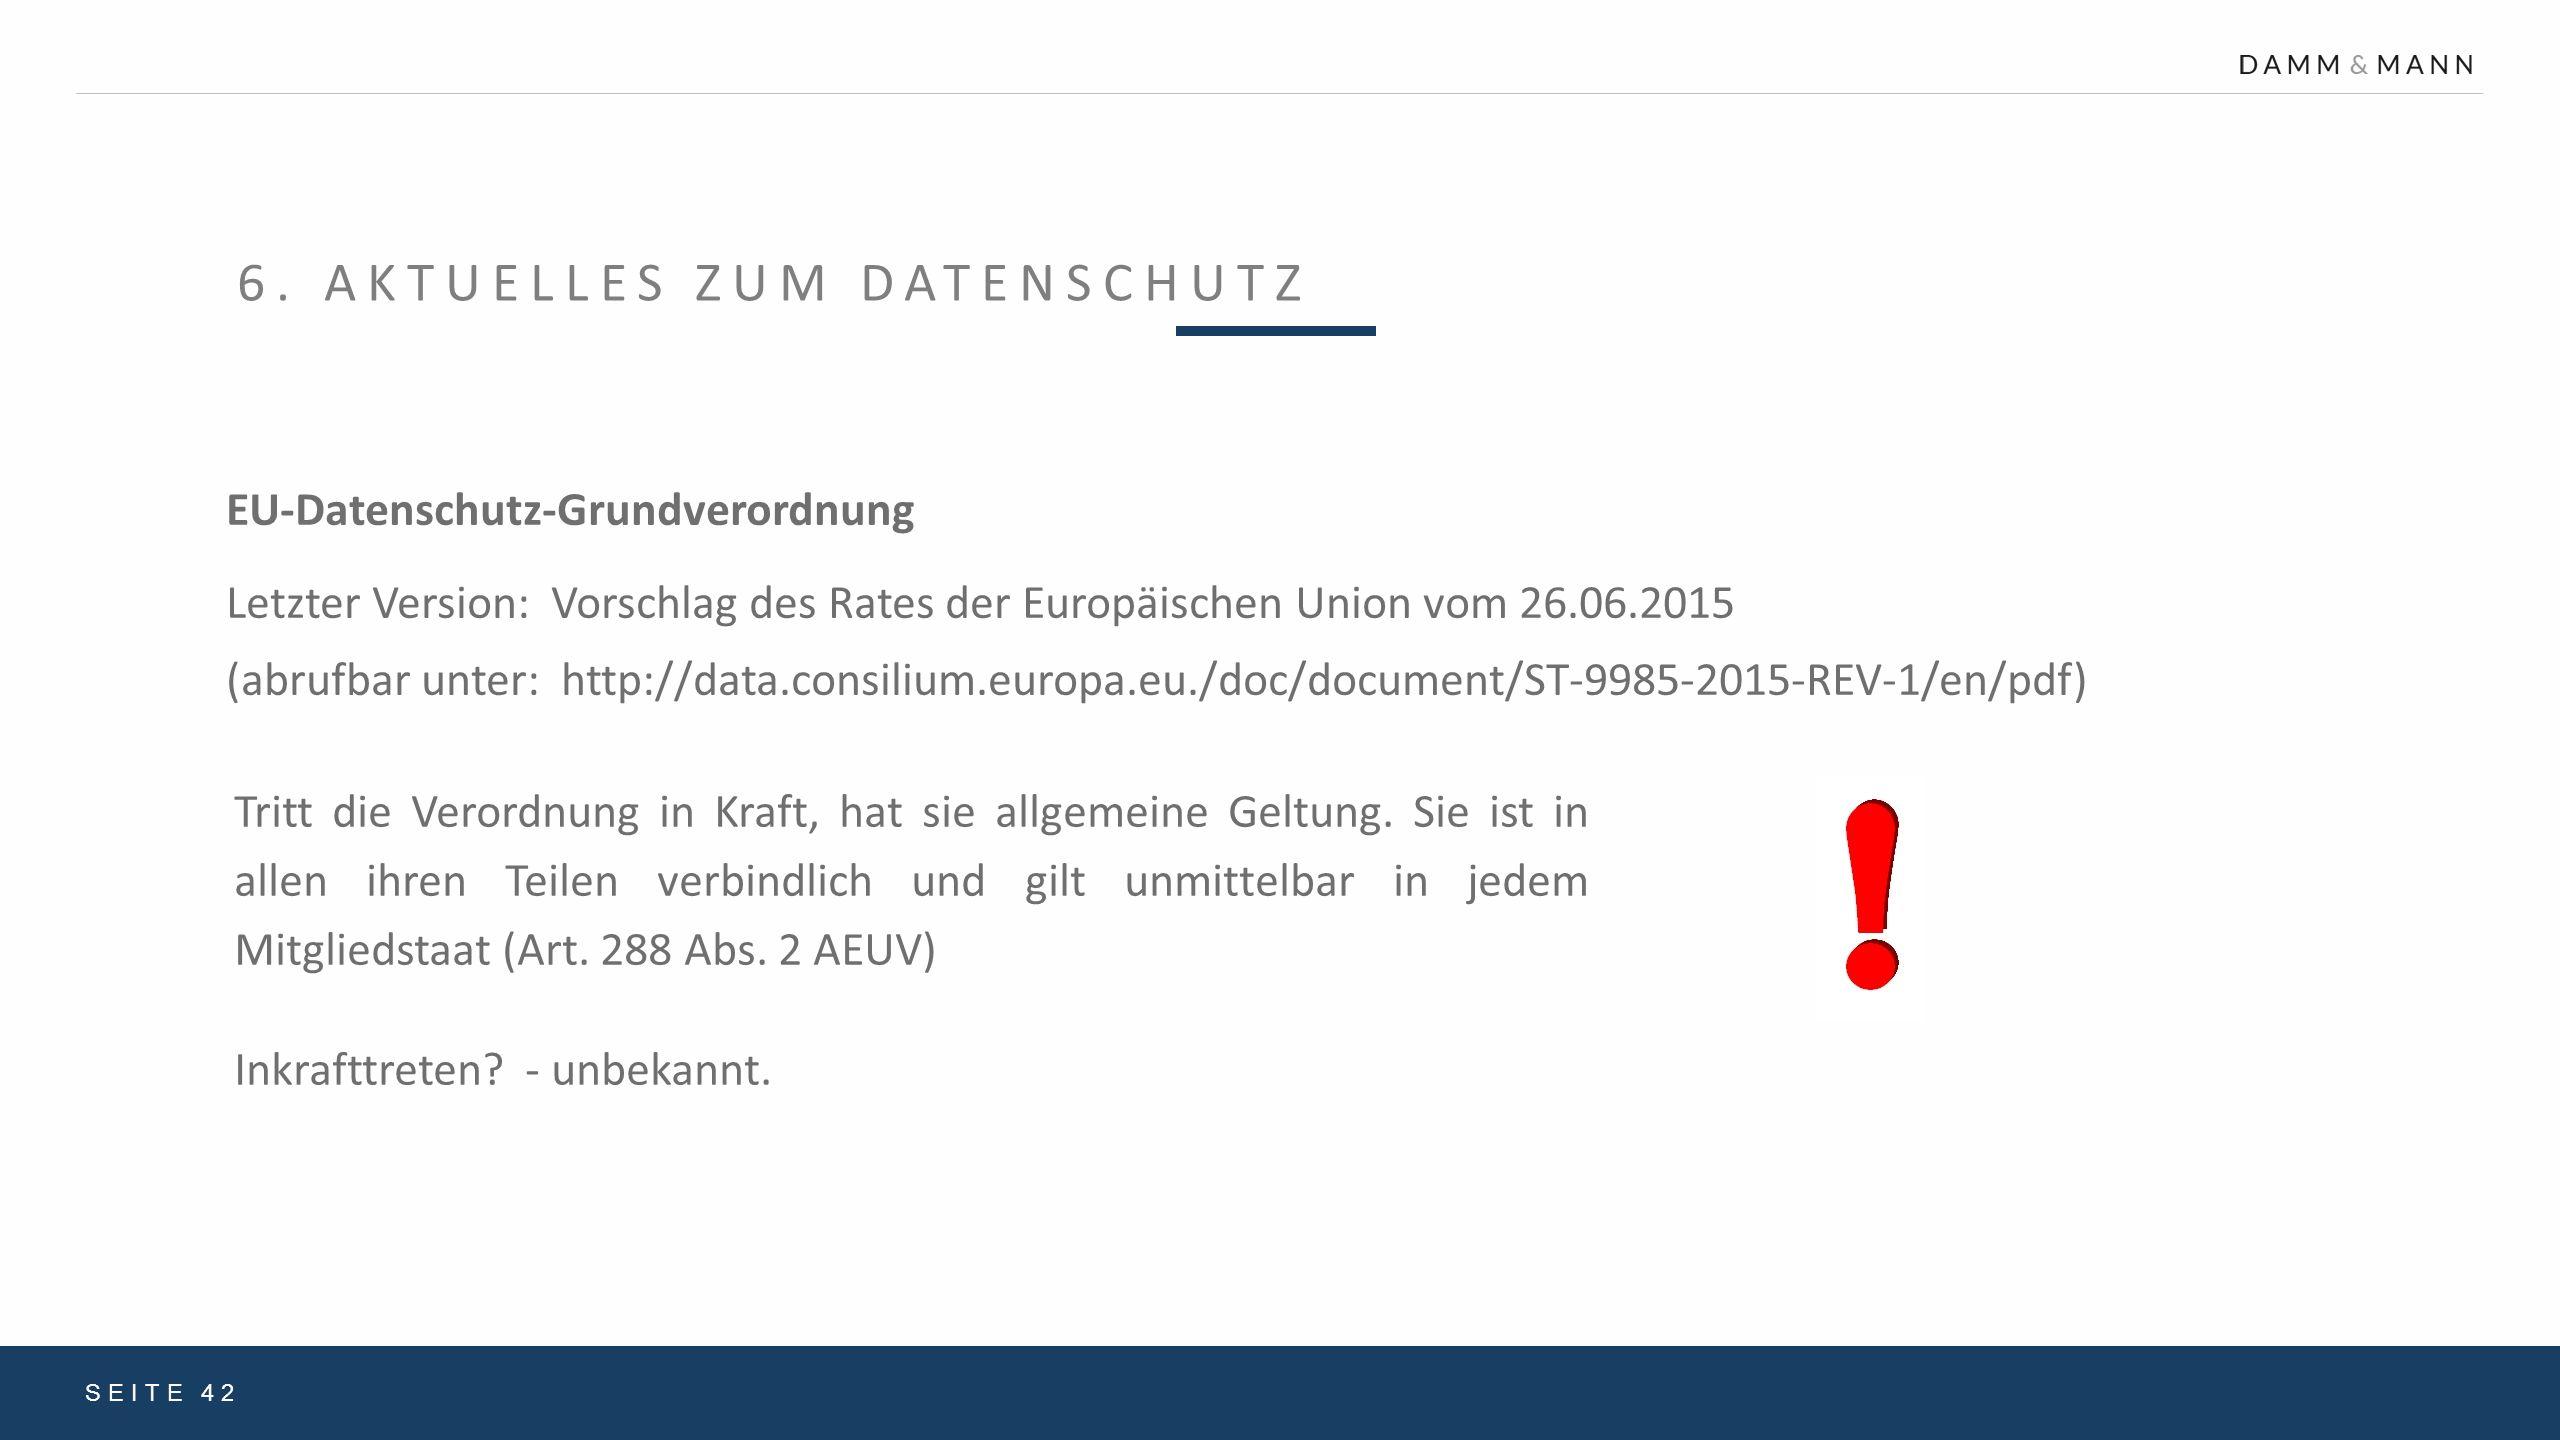 6. AKTUELLES ZUM DATENSCHUTZ SEITE 42 EU-Datenschutz-Grundverordnung Letzter Version: Vorschlag des Rates der Europäischen Union vom 26.06.2015 (abruf